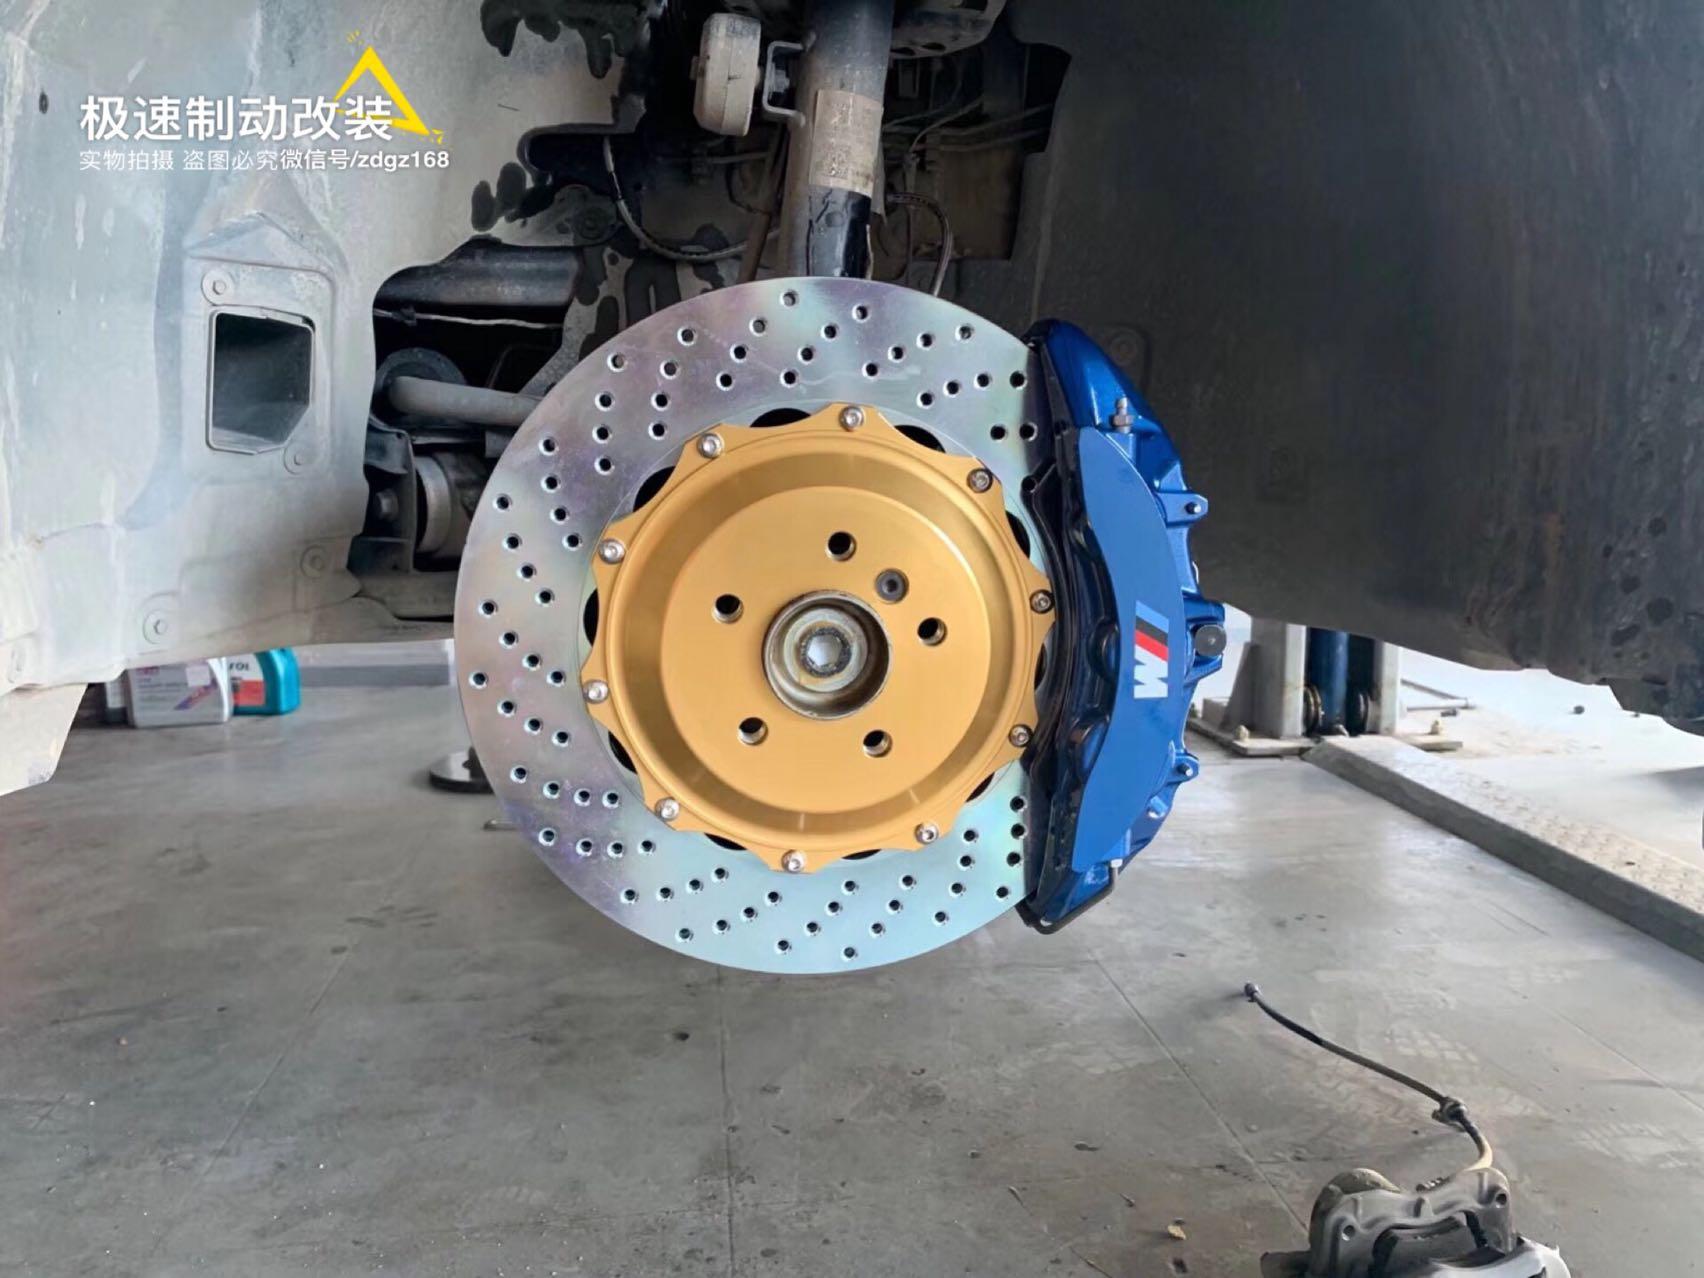 【深圳刹车改装】宝马X3刹车升级Brembo大六刹车卡钳搭配380MM打孔盘,完美安装!